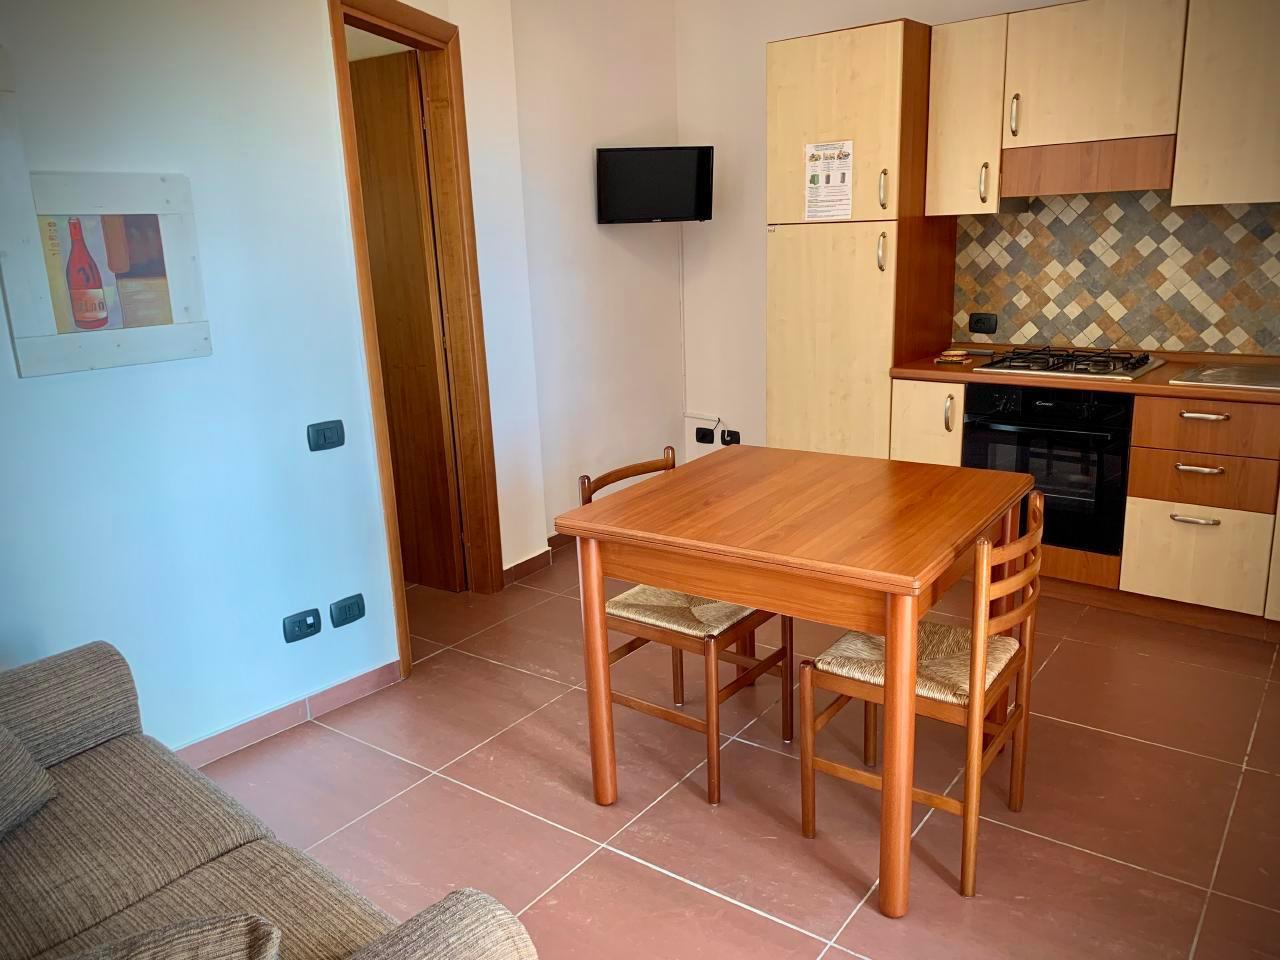 Ferienwohnung Ferienwohnungen (404150), Sciacca, Agrigento, Sizilien, Italien, Bild 27